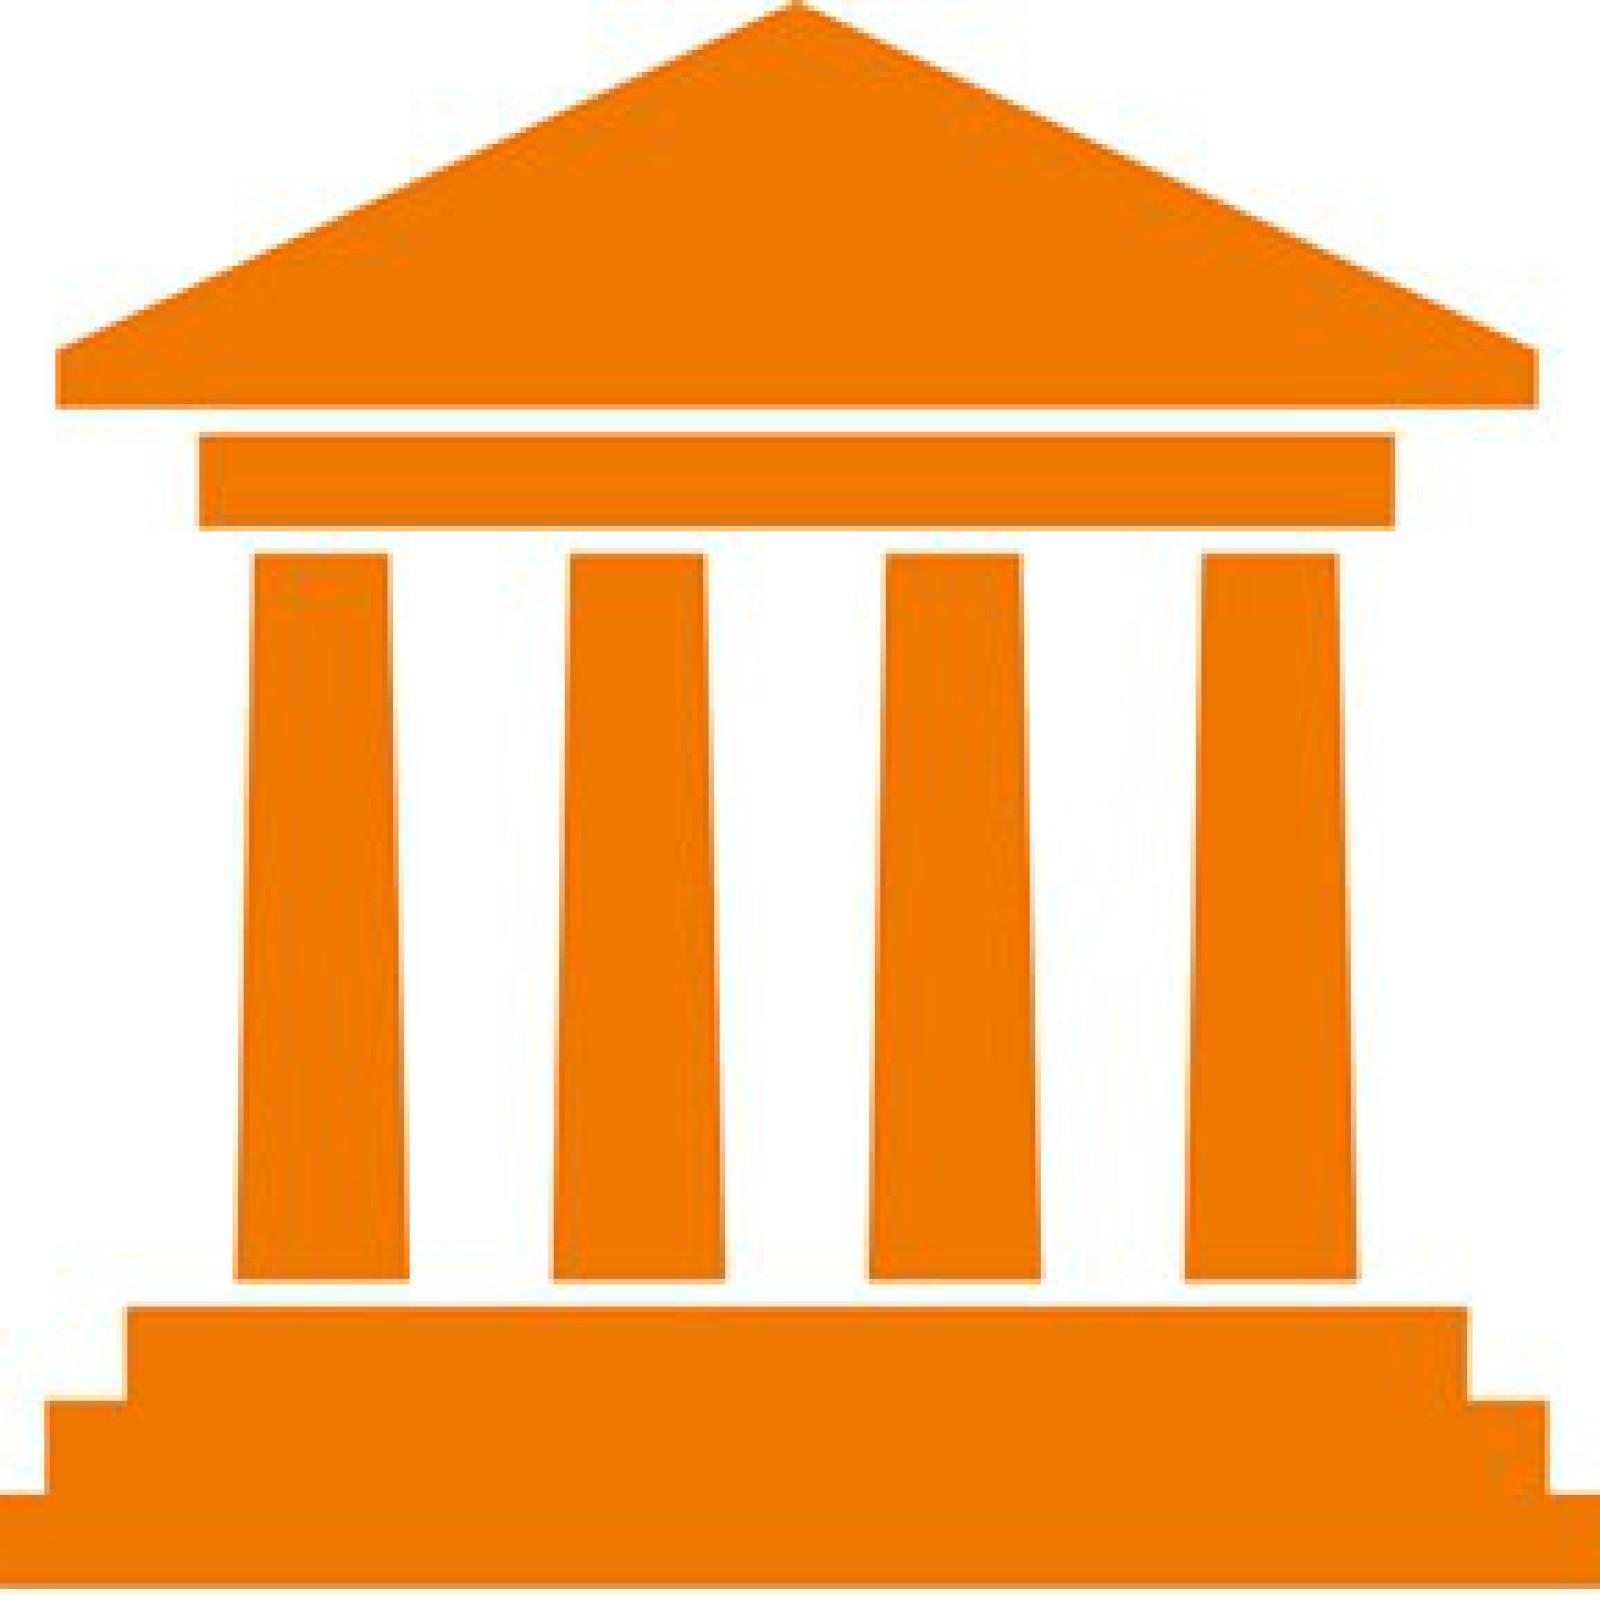 Se soggetti e addebiti sono diversi, giudizio penale e giudizio civile risarcitorio proseguono parallelamente